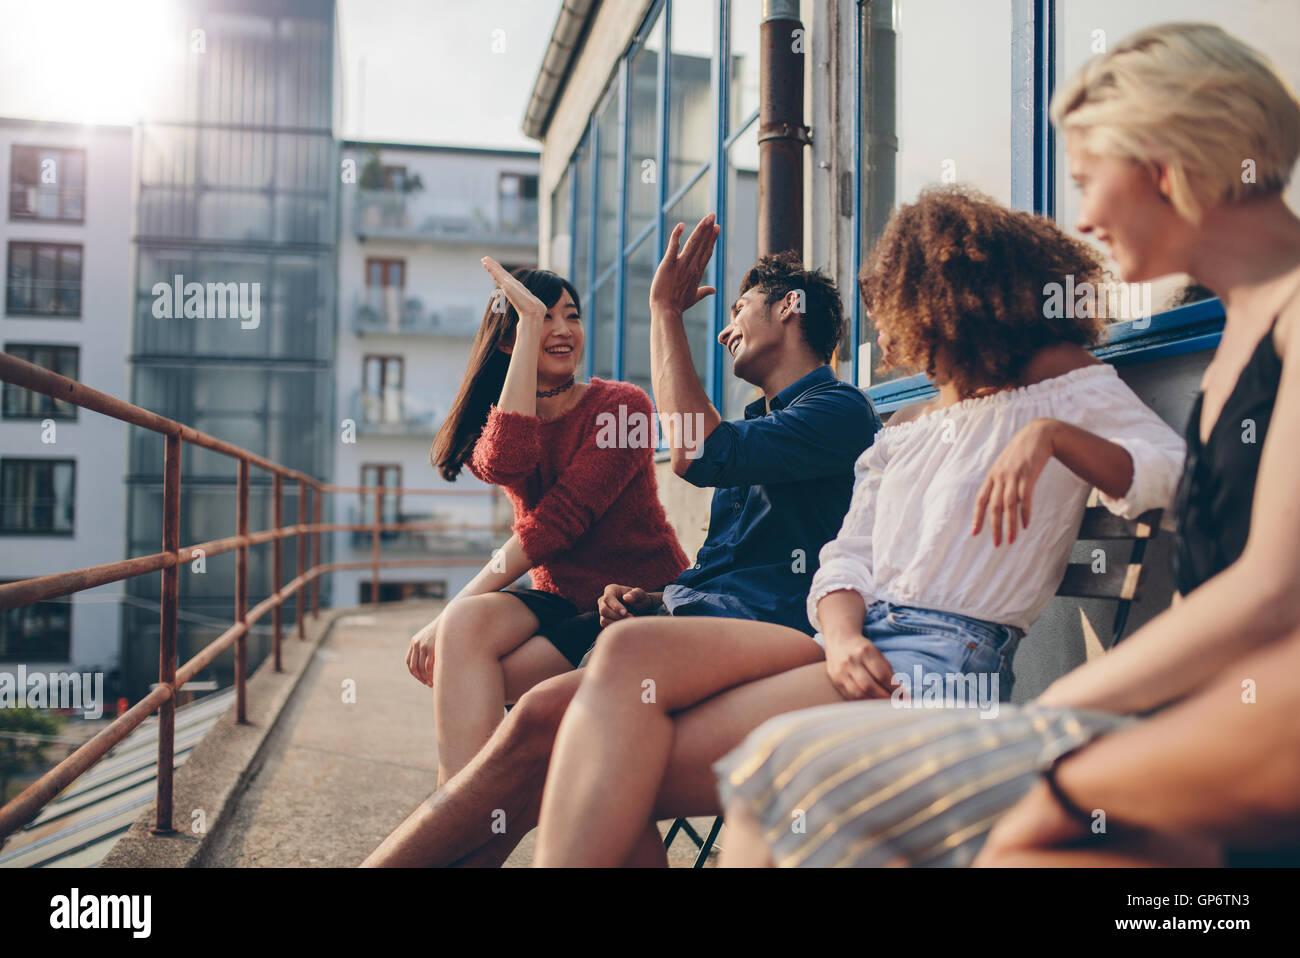 Gemischtrassigen Gruppe von Freunden Spaß in Balkon und geben hohe fünf. Junge Leute auf der Terrasse genießen. Stockfoto